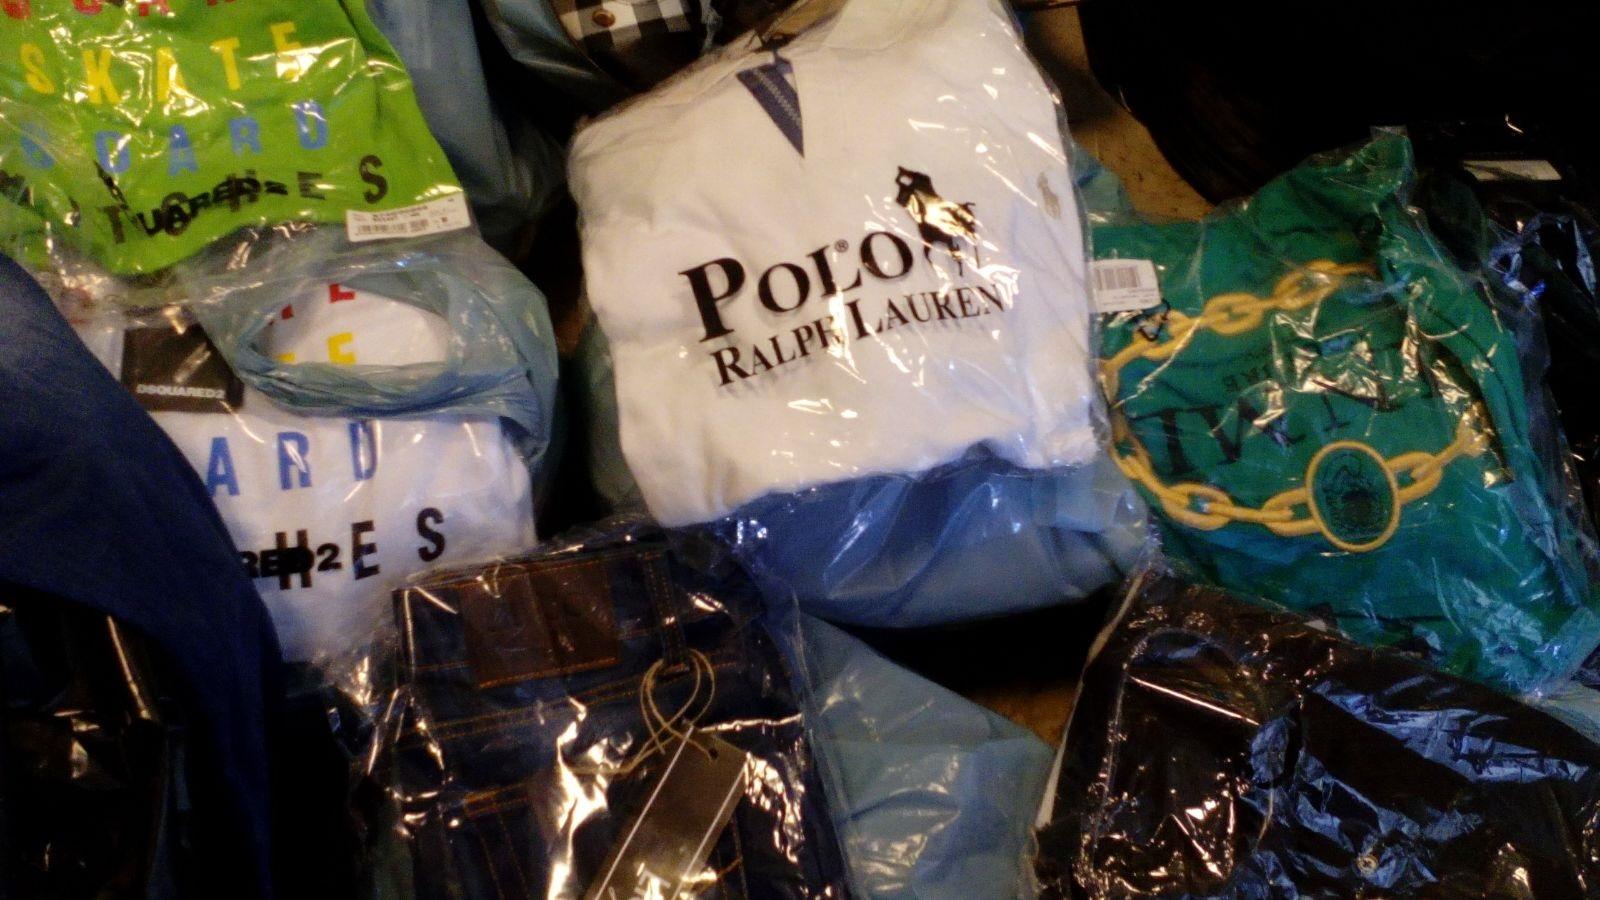 napoli abiti contraffatti